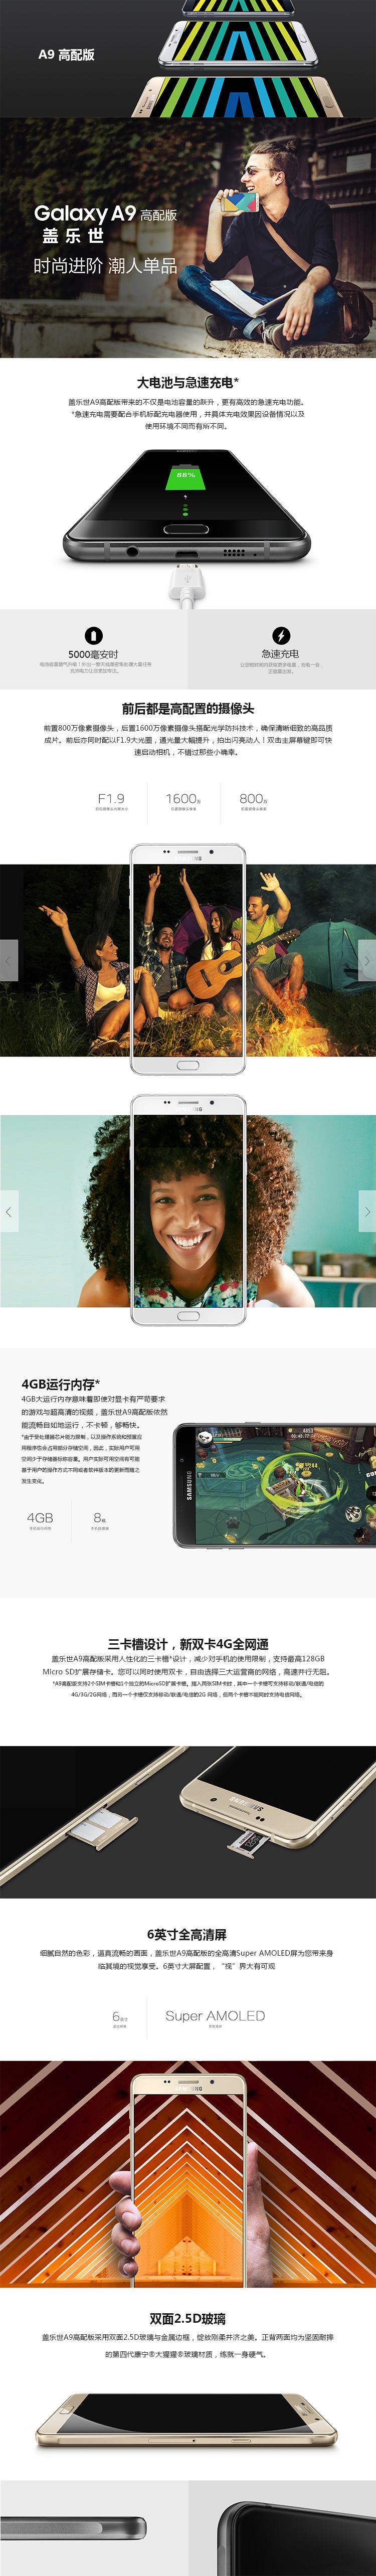 三星A9 (SM-A9100)32G  Galaxy 全网通4G手机